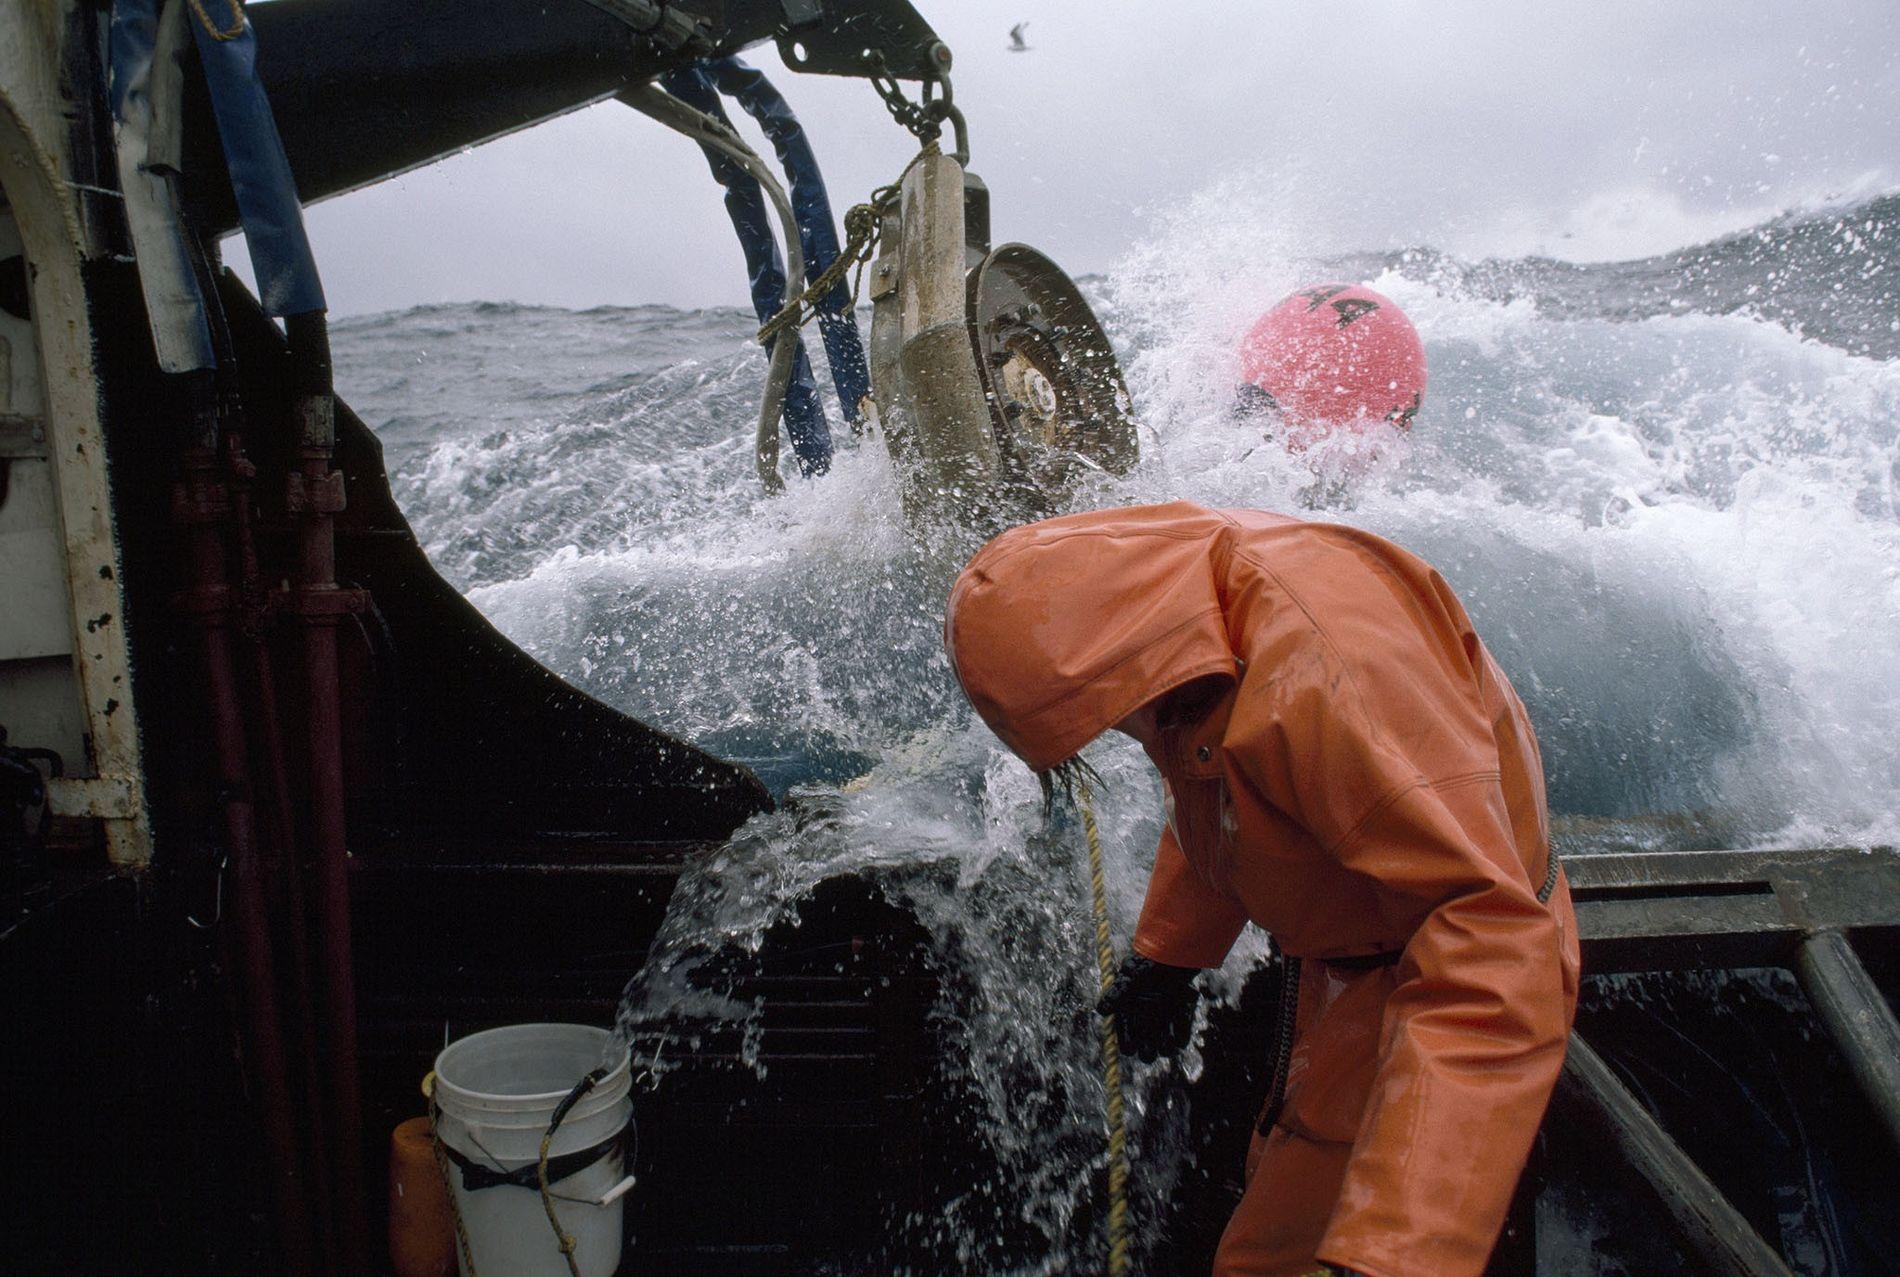 Un pescador revisa sus líneas de pesca mientras se encuentra pescando en alta mar. Alta mar ...